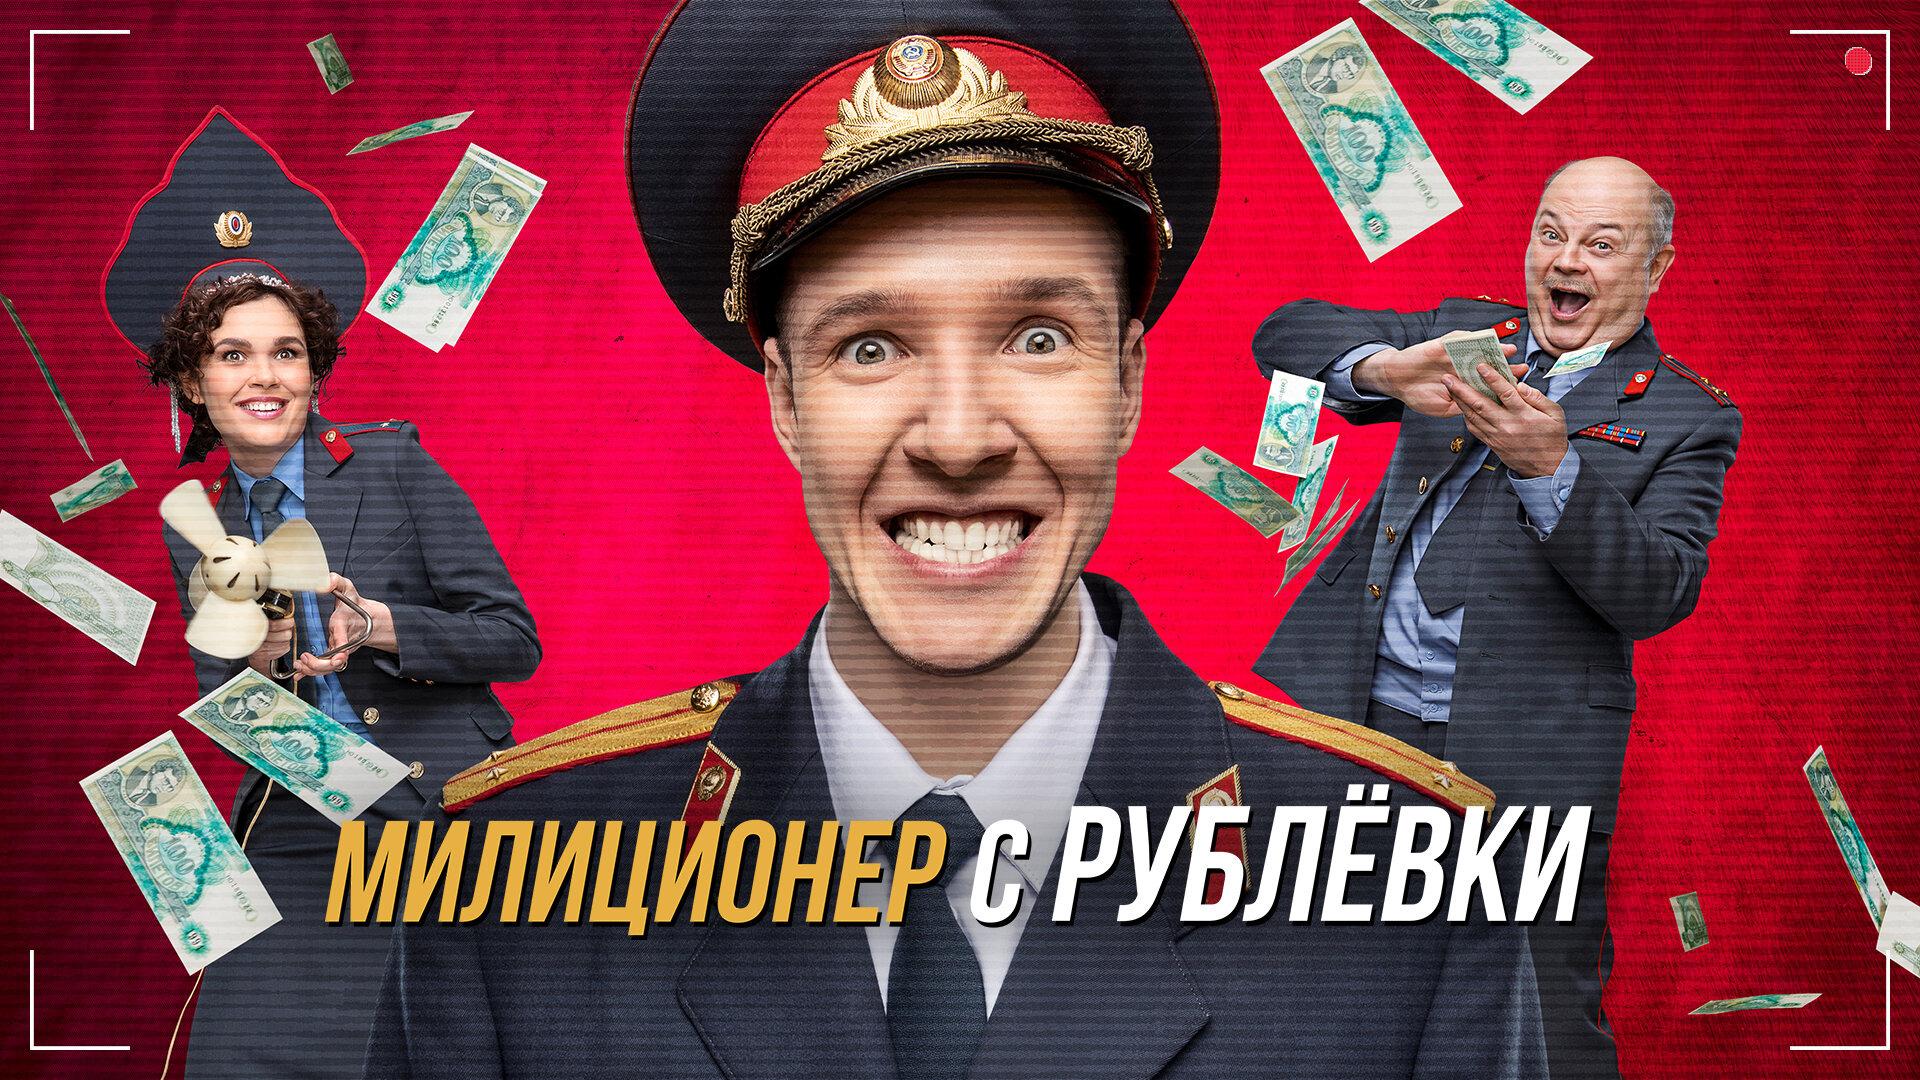 Show Милиционер с Рублёвки